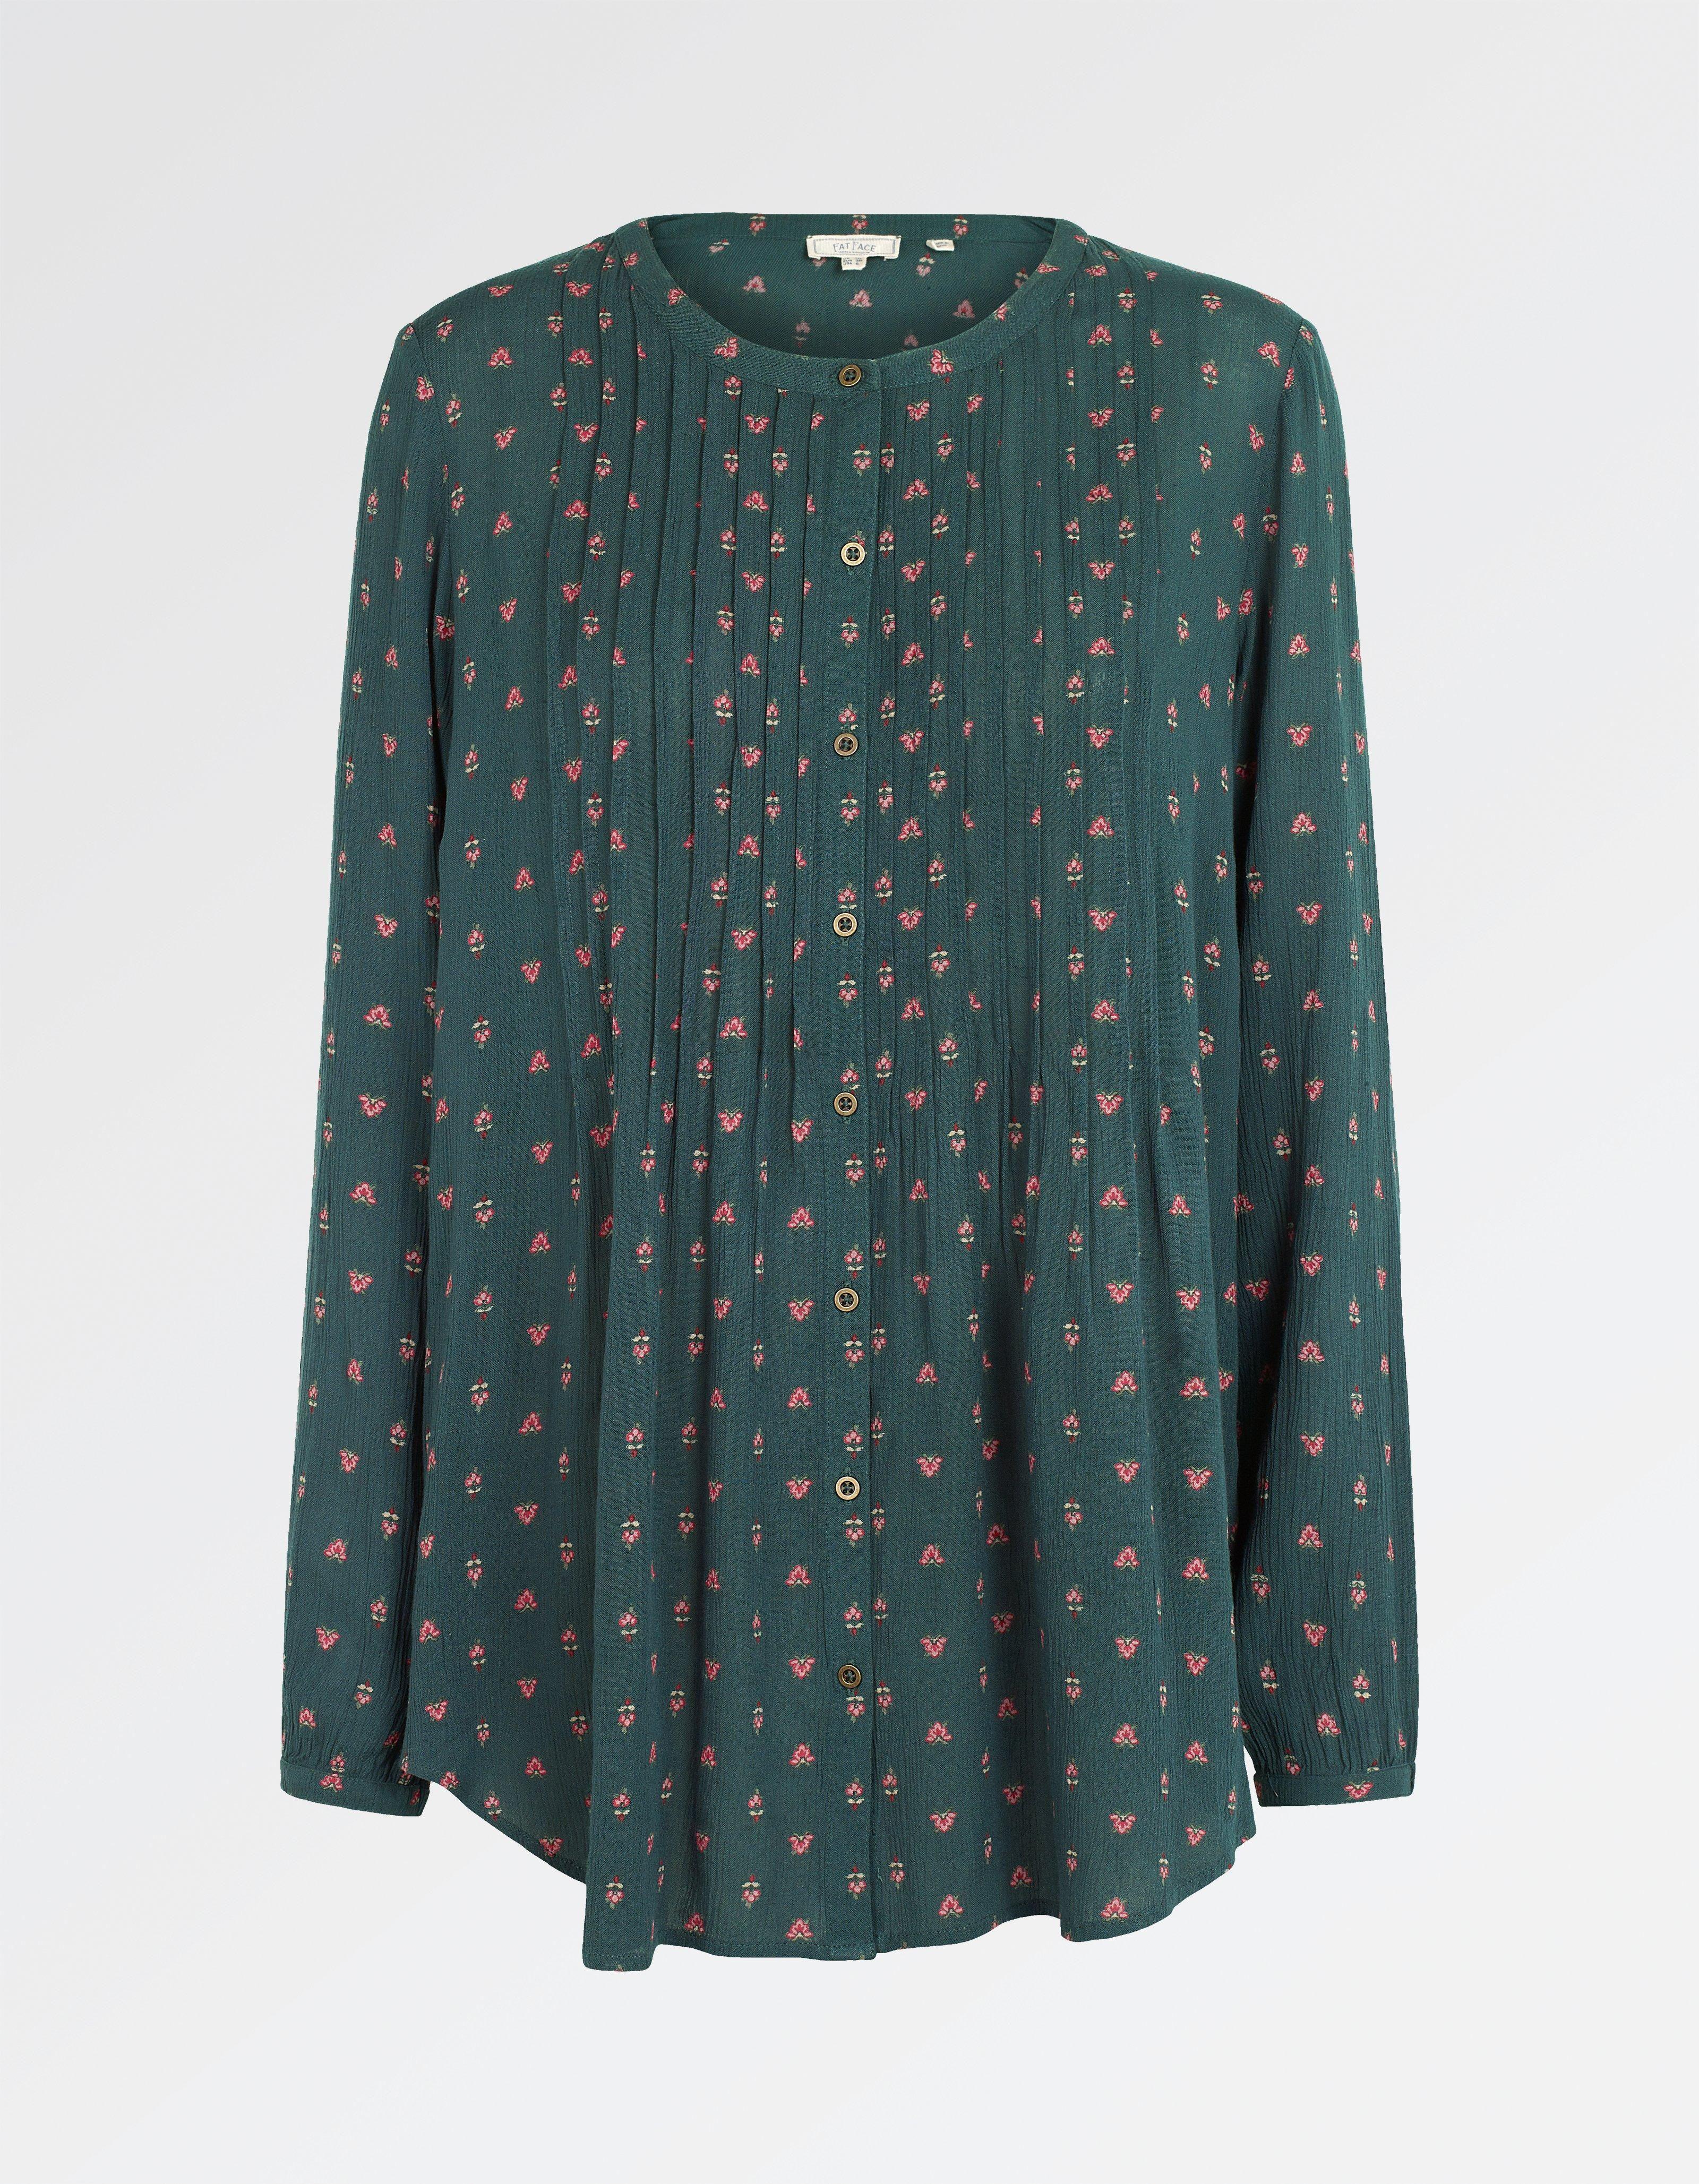 Evie Opulent Paisley Longline Shirt | favorites | Long a